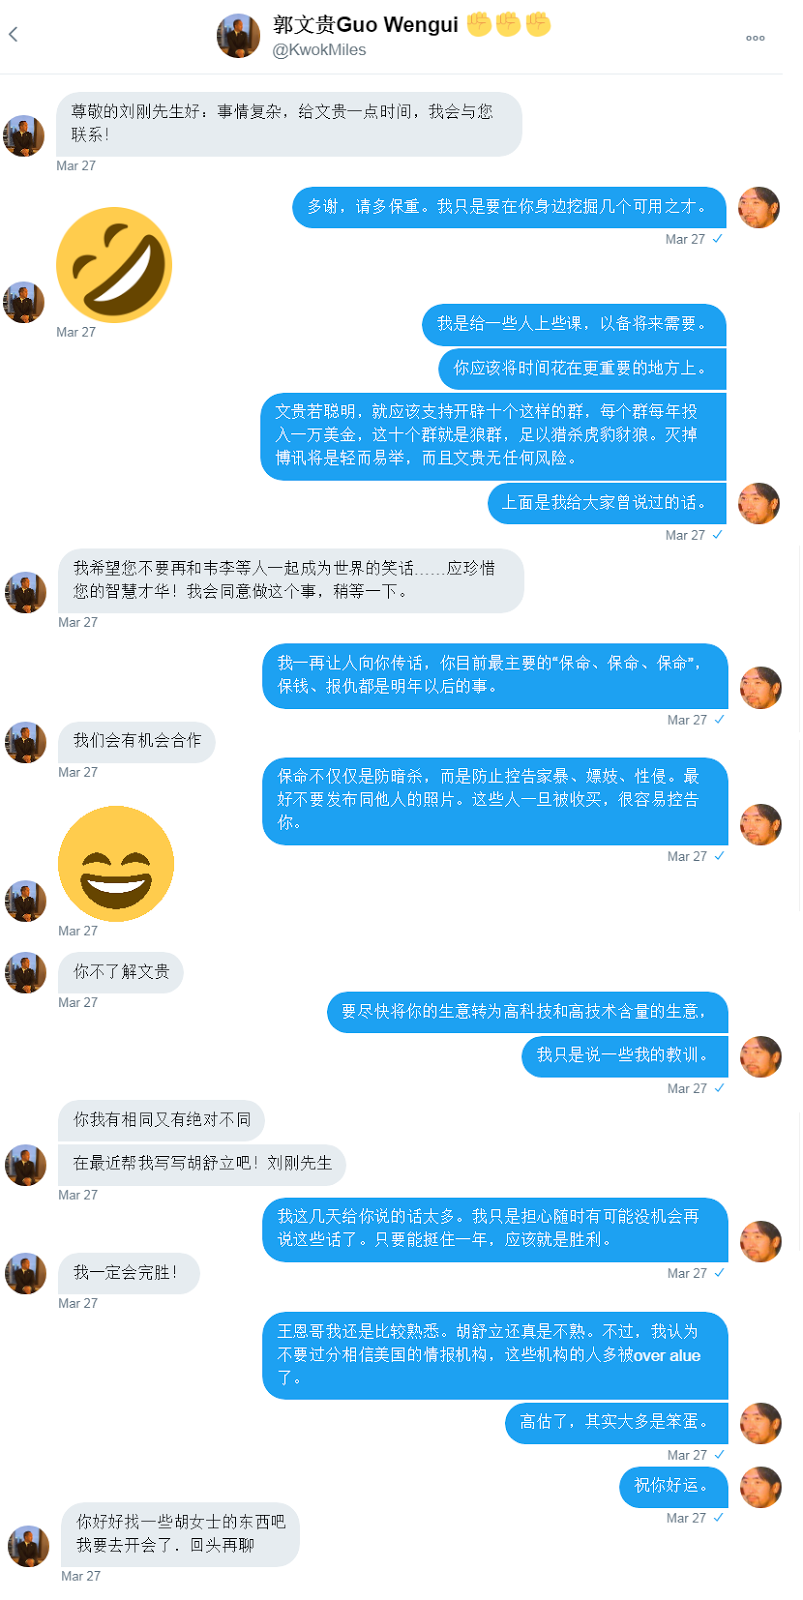 公布郭文贵、刘刚、夏业良三人在5月14日电话交流的部分细节